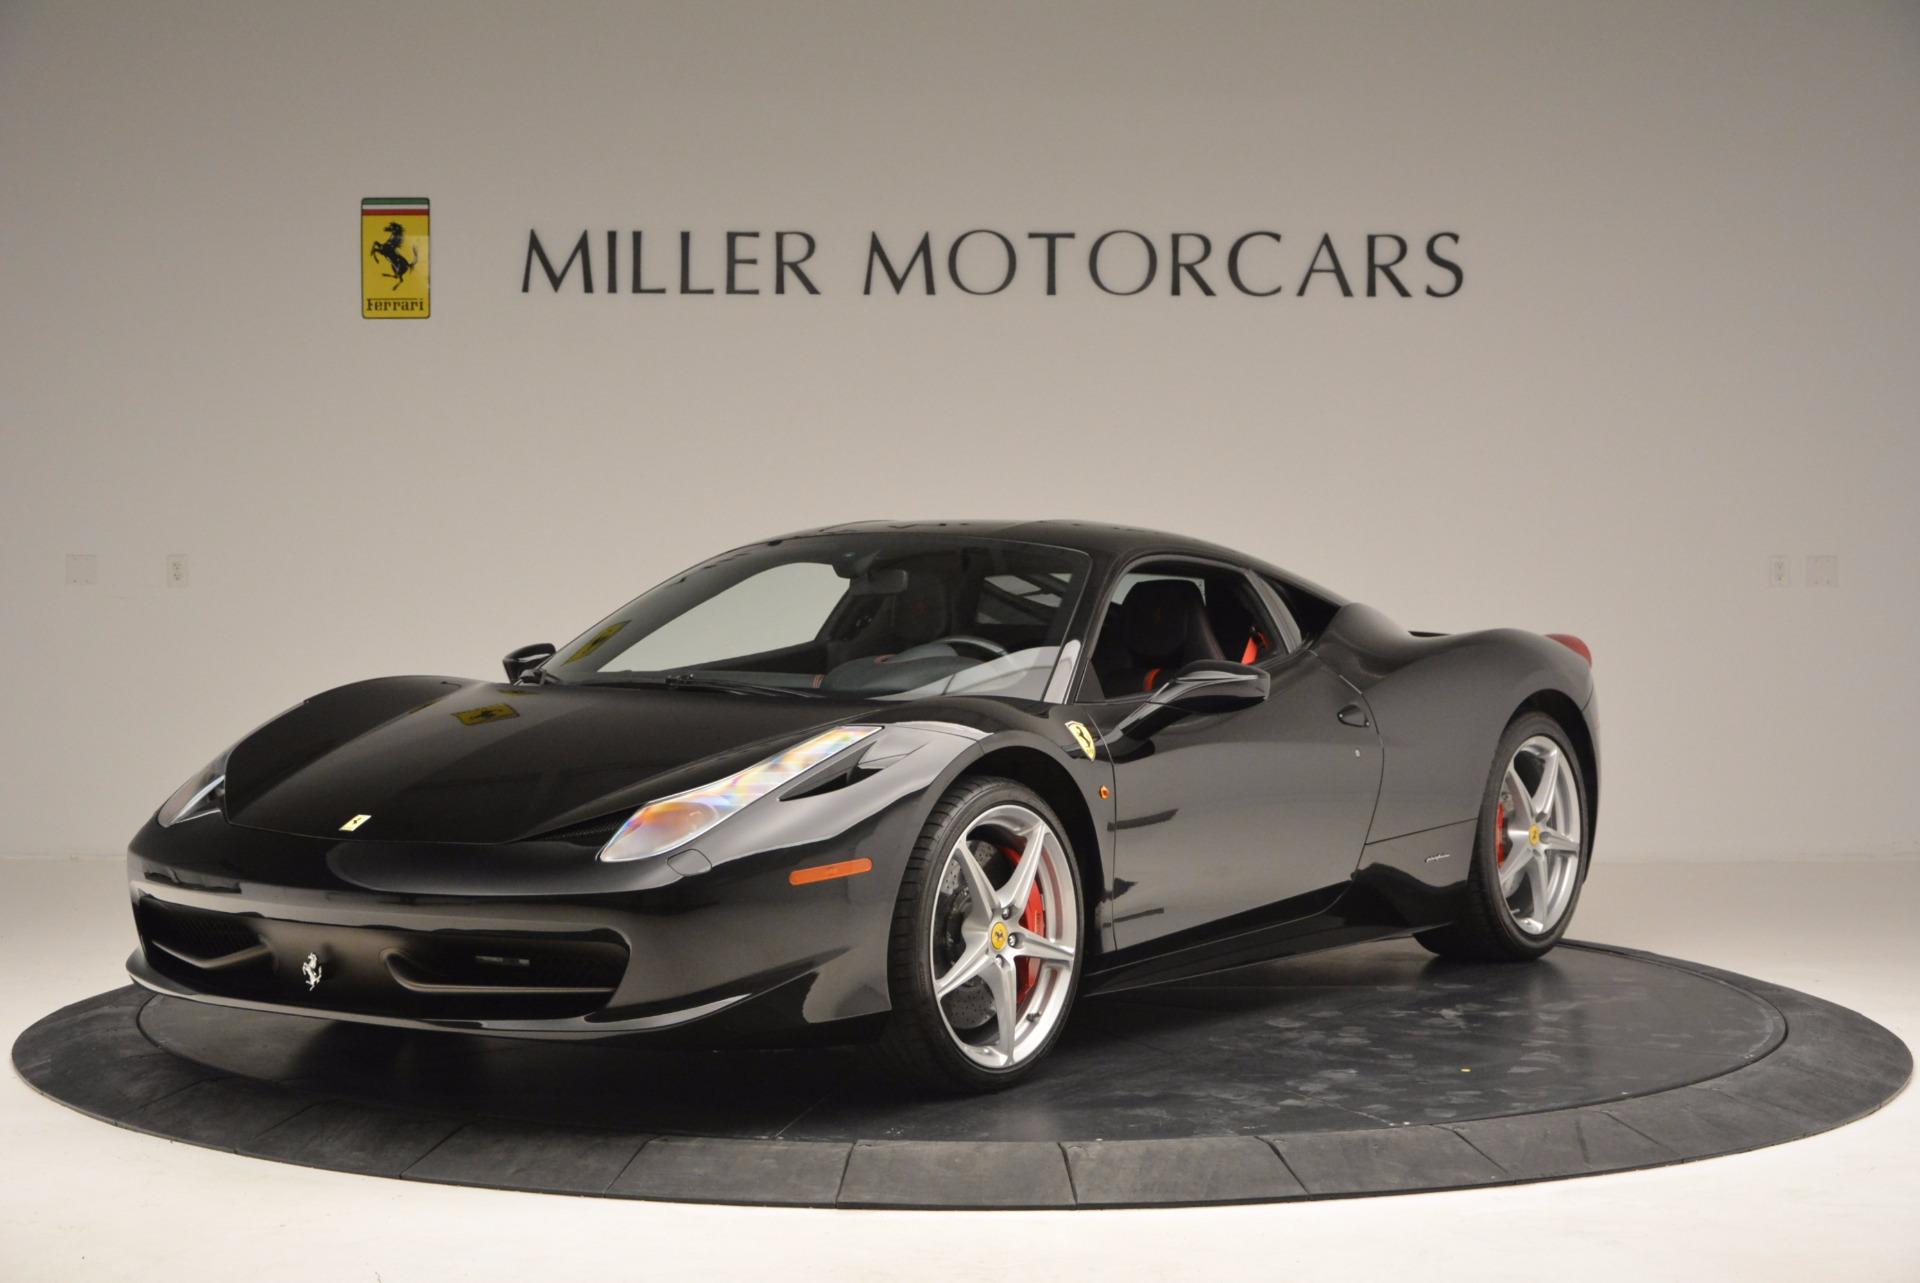 Used 2013 Ferrari 458 Italia for sale Sold at Aston Martin of Greenwich in Greenwich CT 06830 1